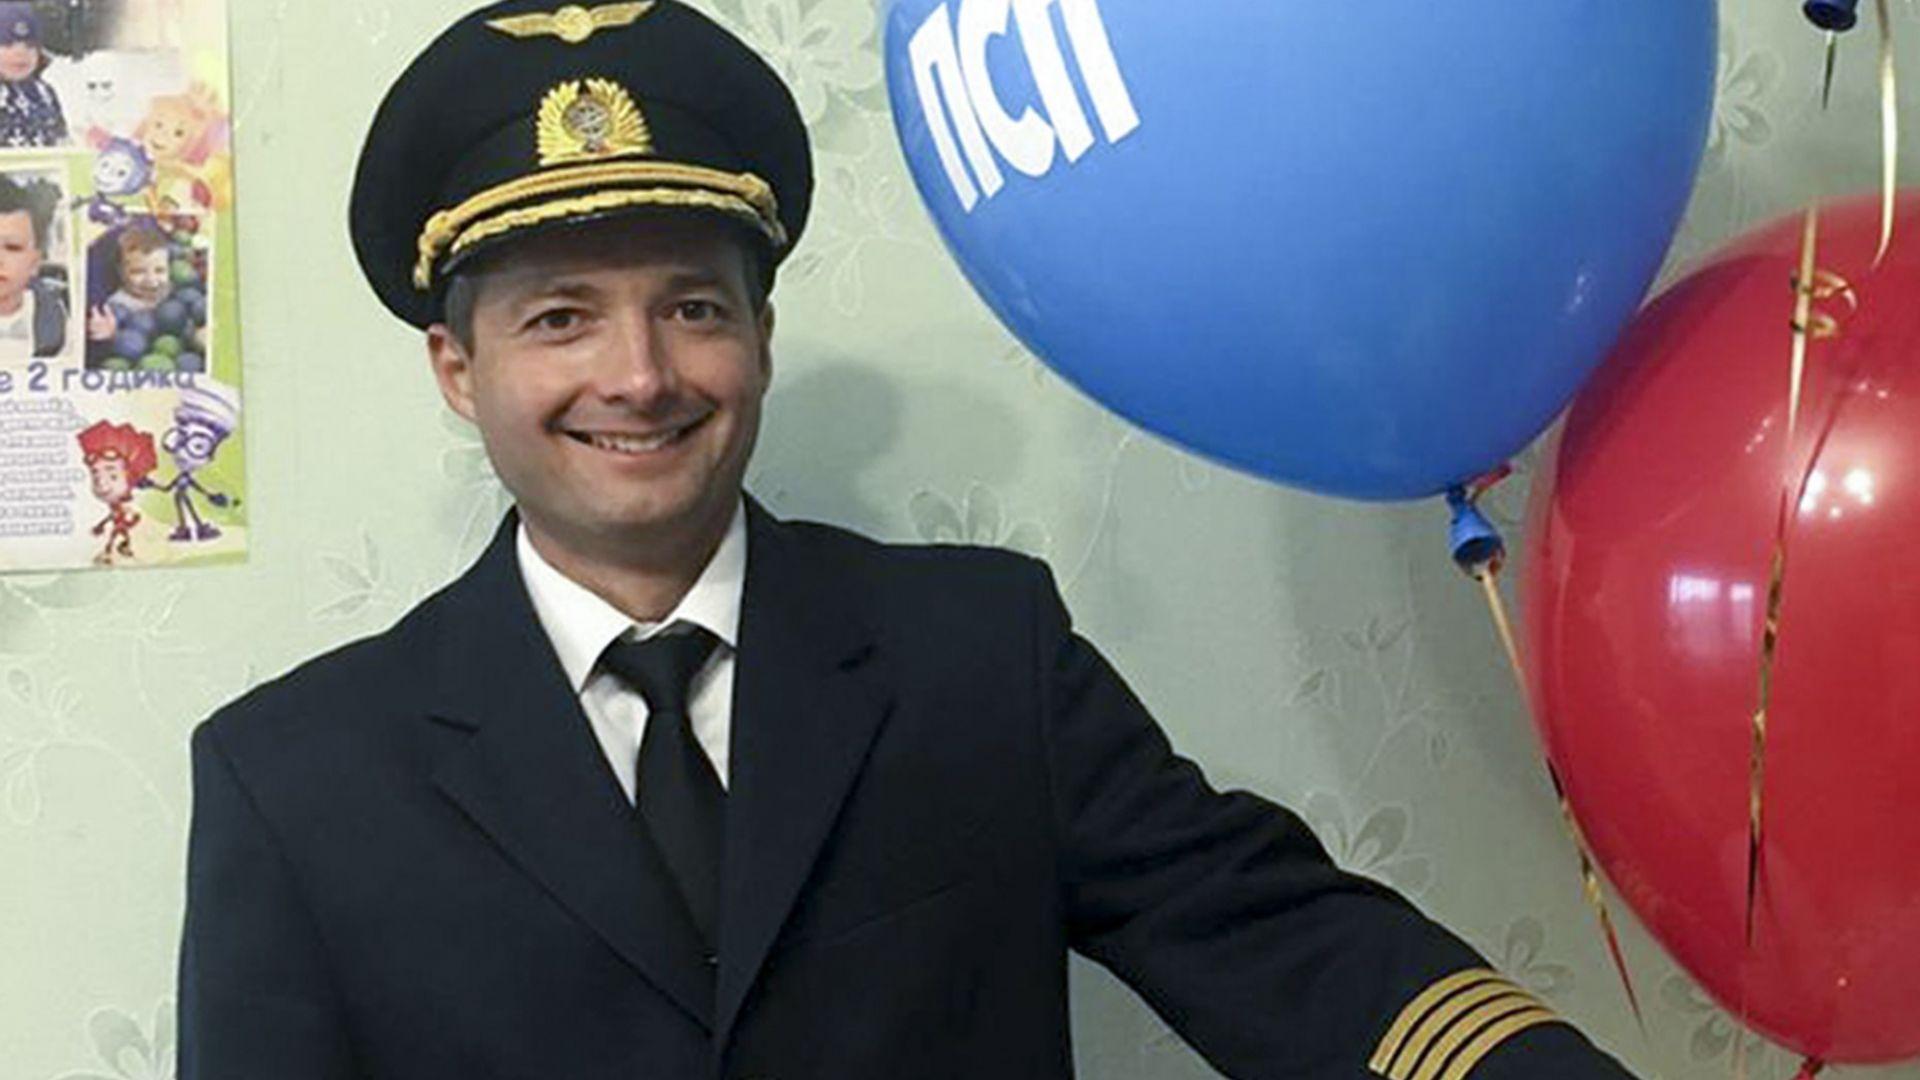 Пилотът Юсупов, който кацна в царевична нива, отказа да се премести в подарен апартамент